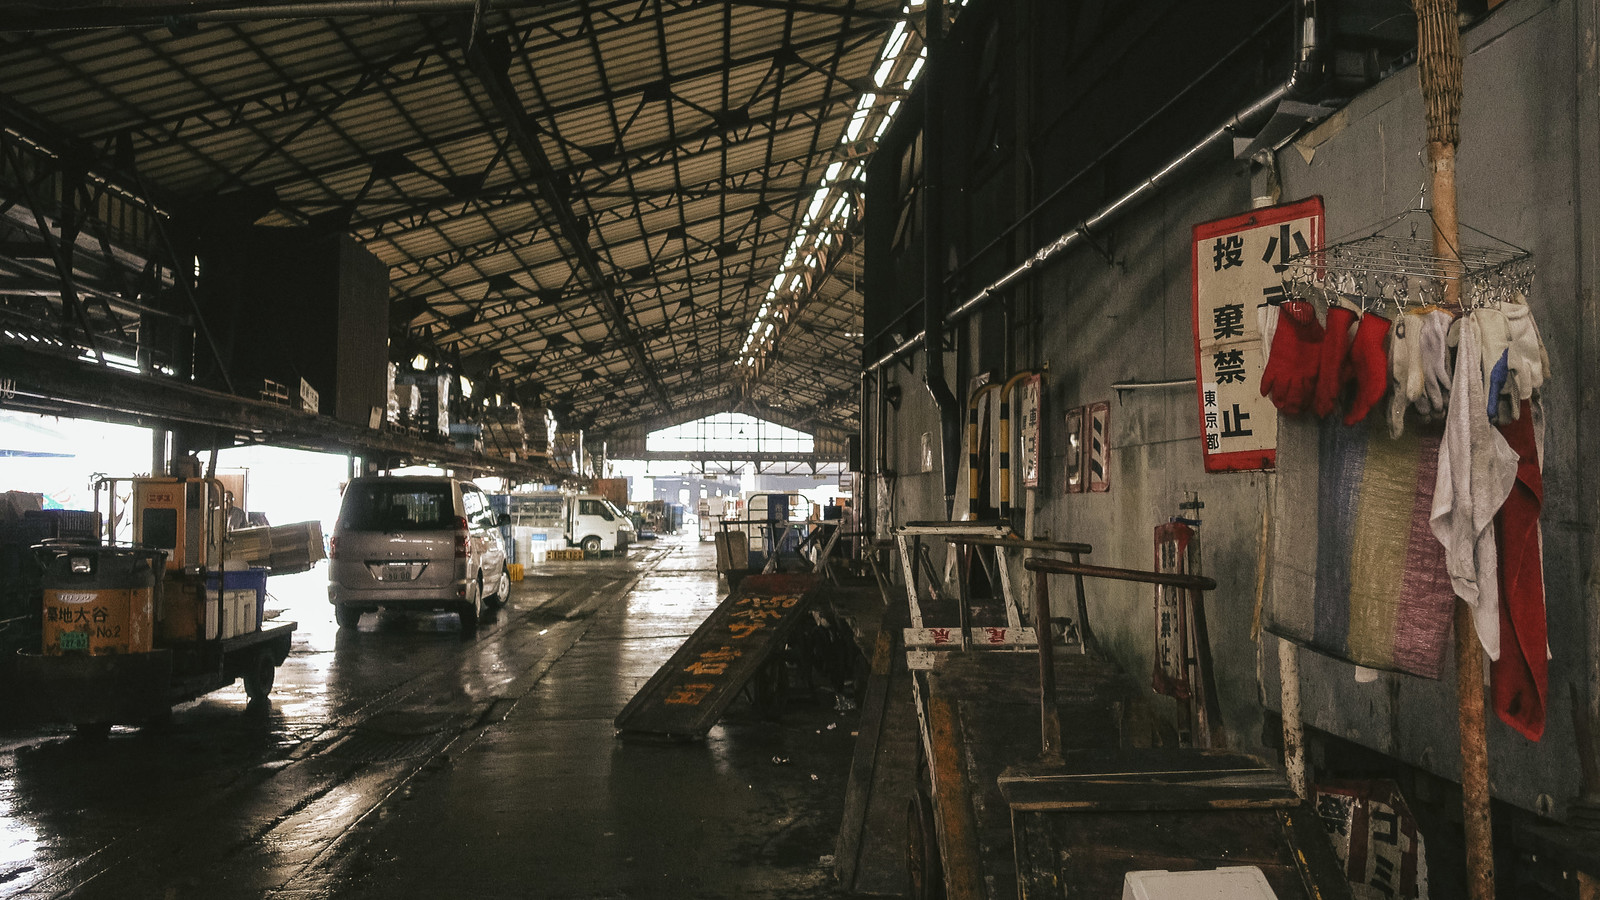 「老朽化と過密化が問題視されている築地市場」の写真